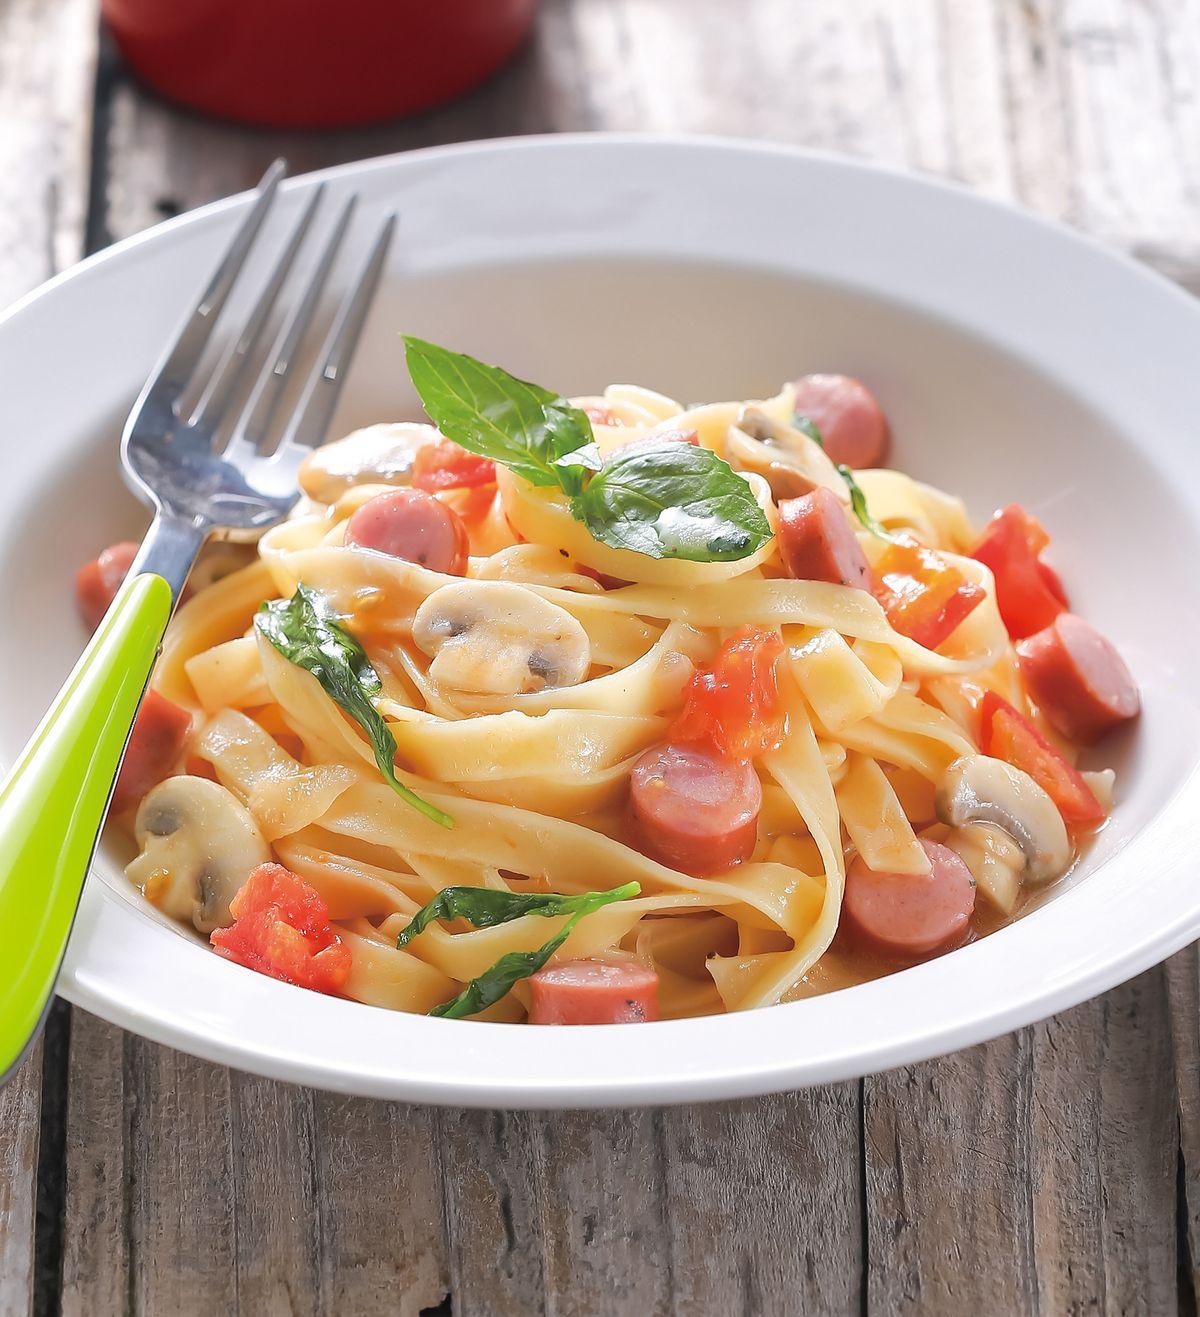 食譜:番茄香腸義大利麵